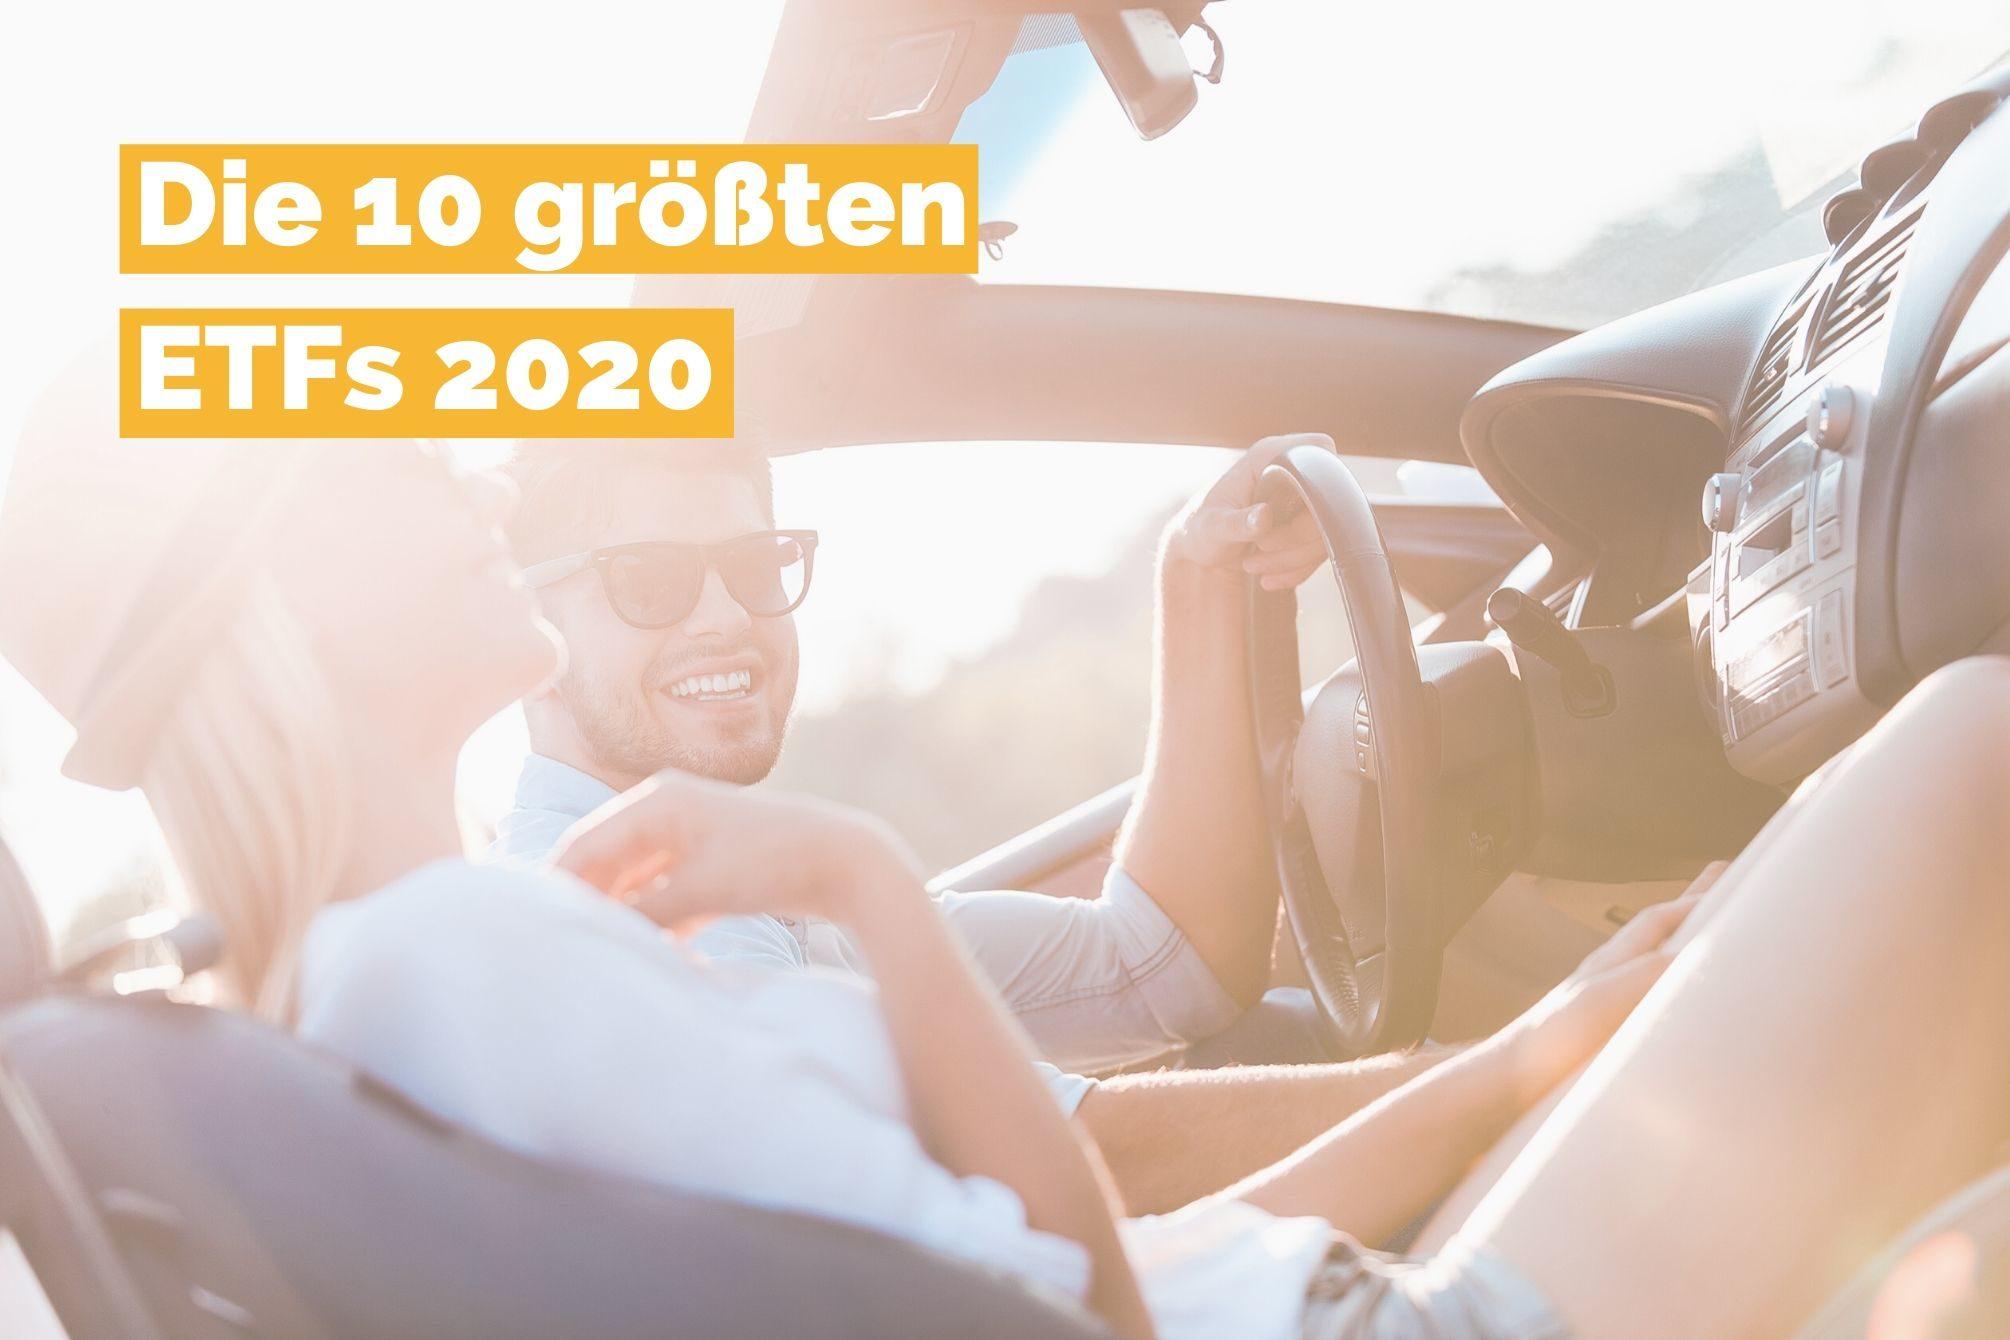 Die 10 größten ETFs 2020